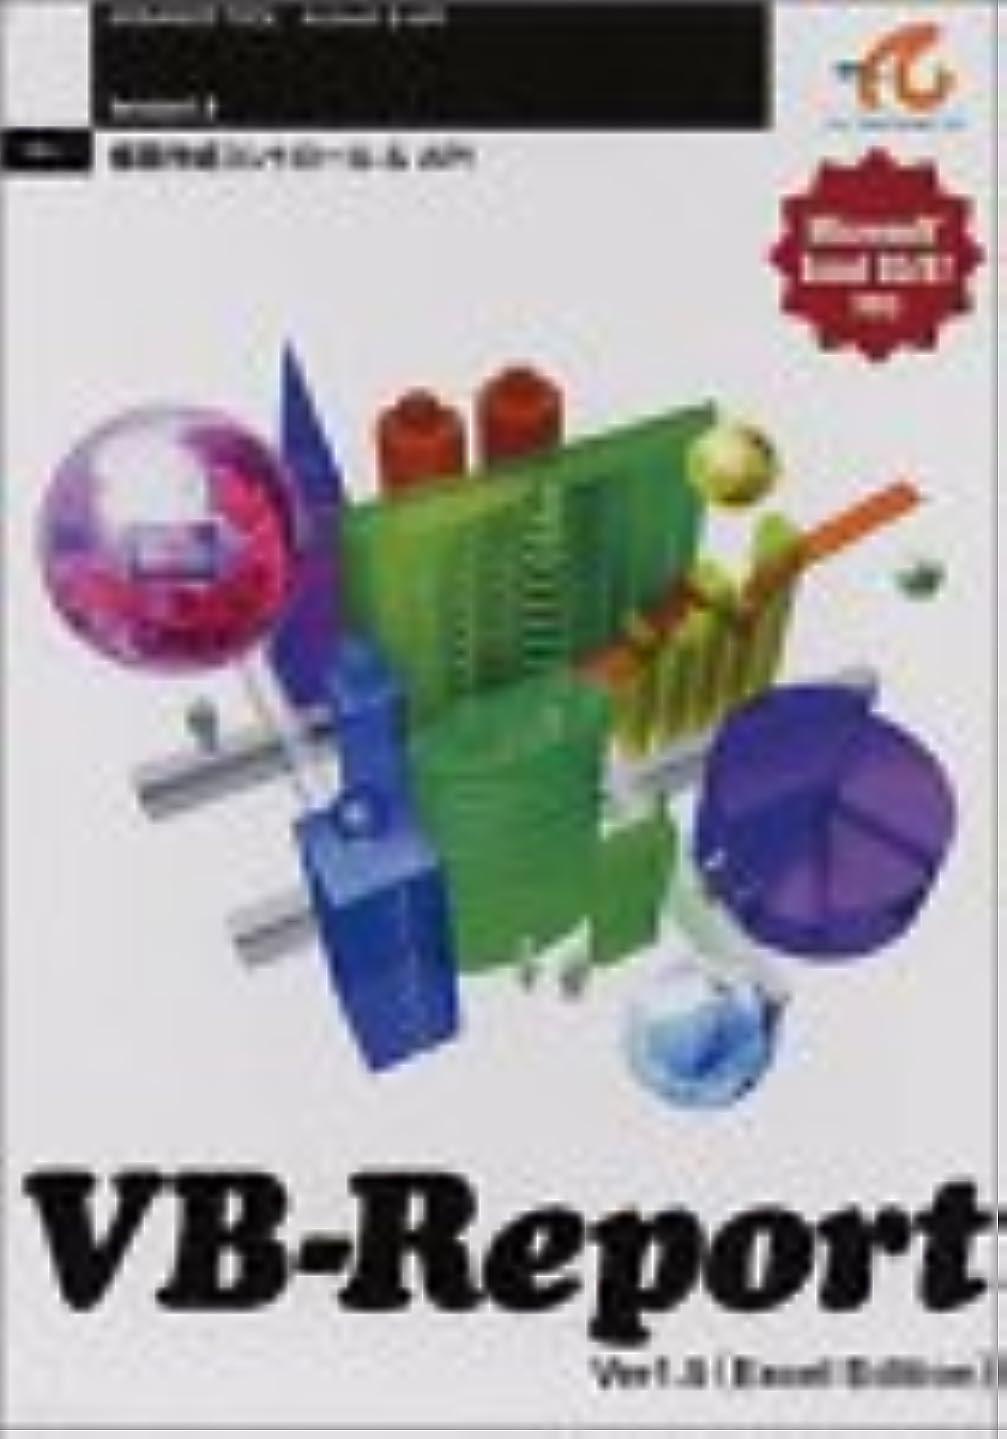 流行ハイブリッド段落VB-Report Ver.1.0 (Excel Edition)